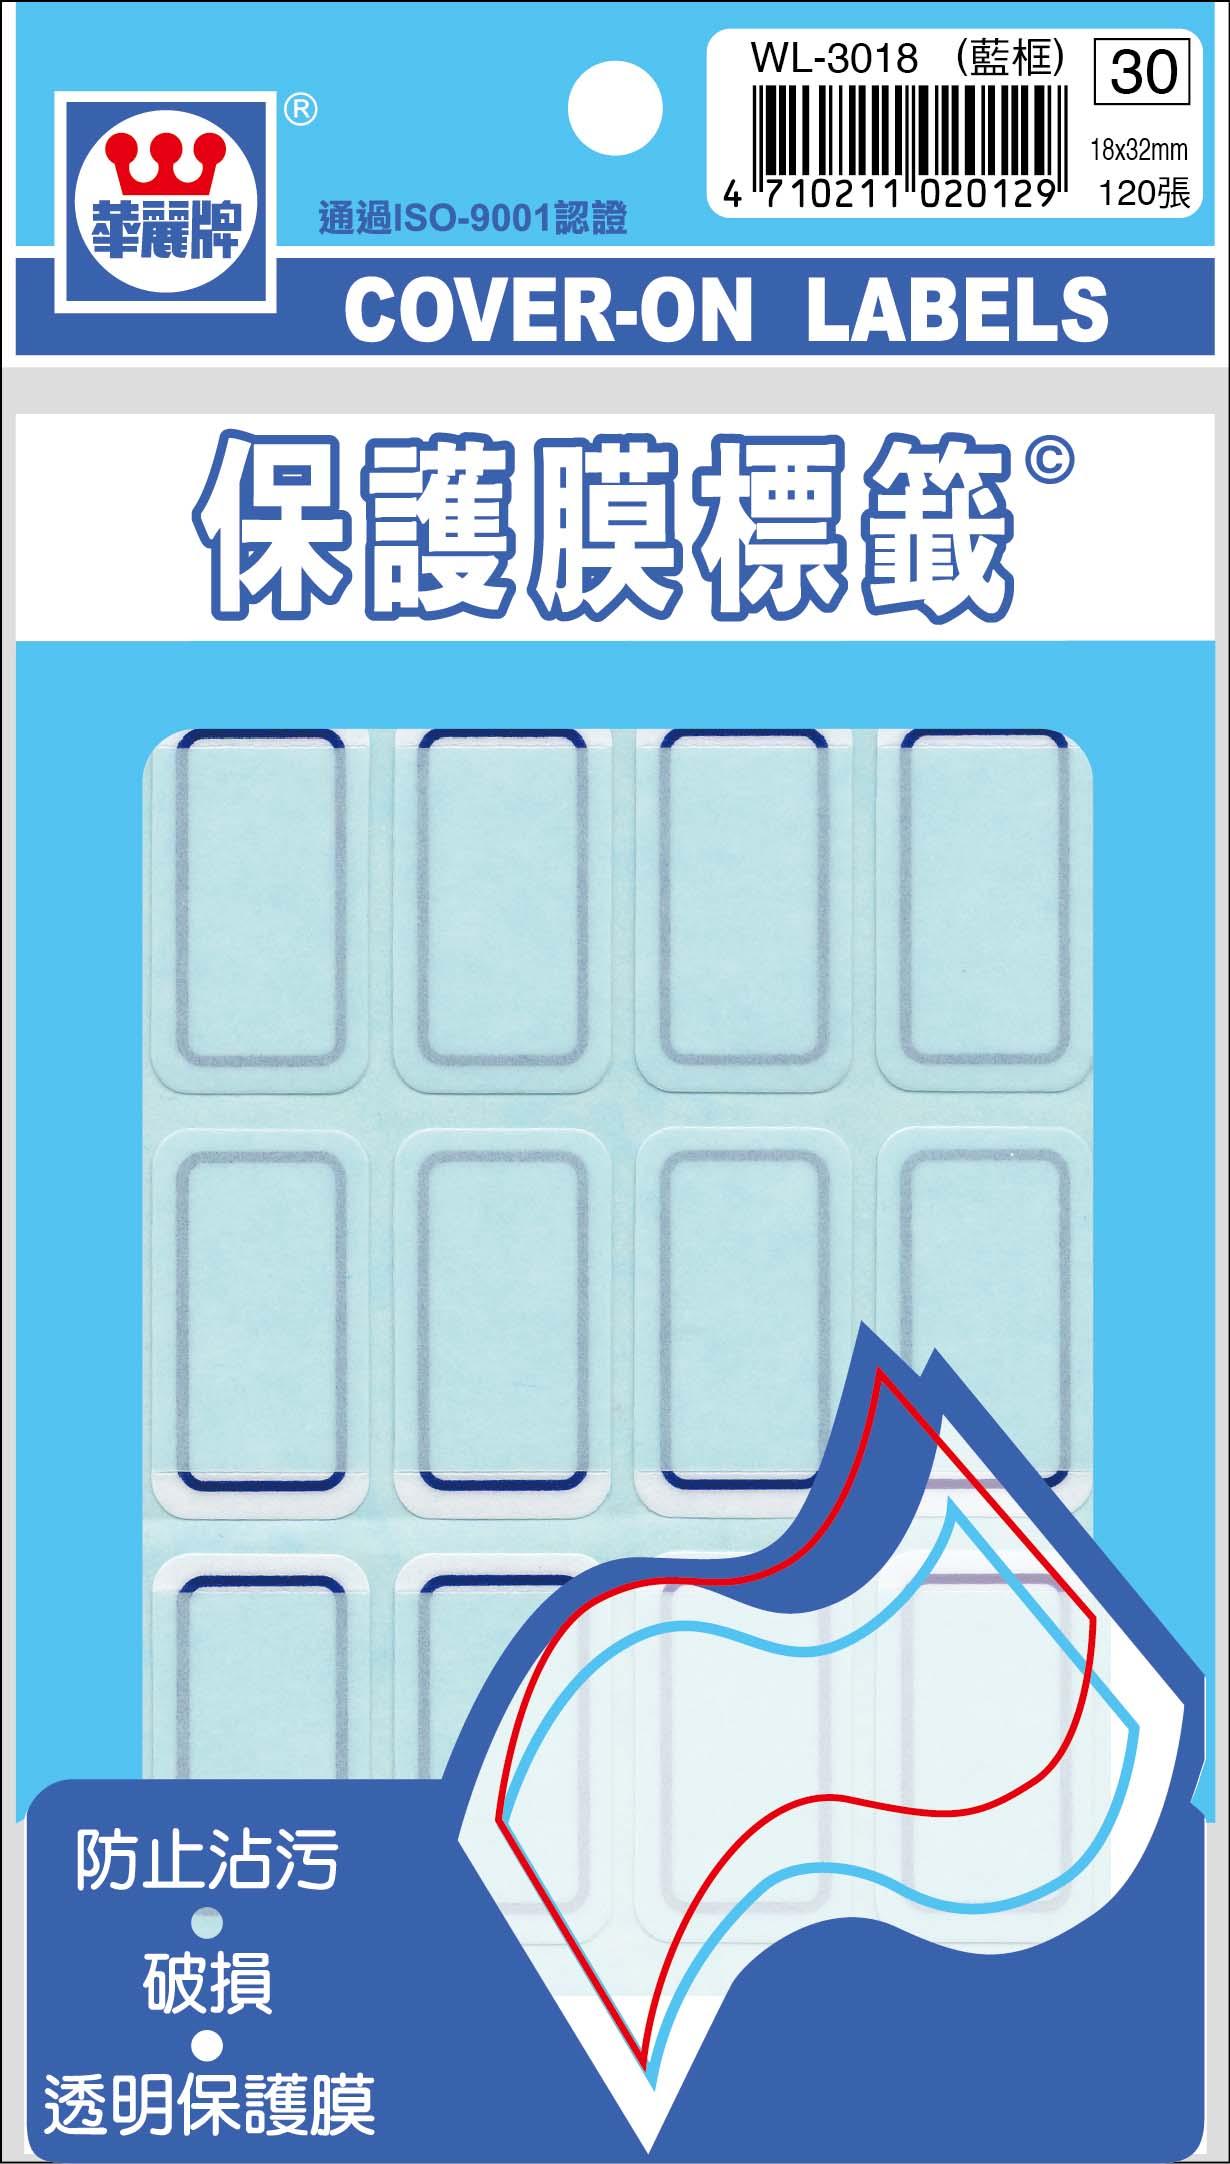 華麗 保護膜標籤WL-3017/WL-3018(藍框/紅框)